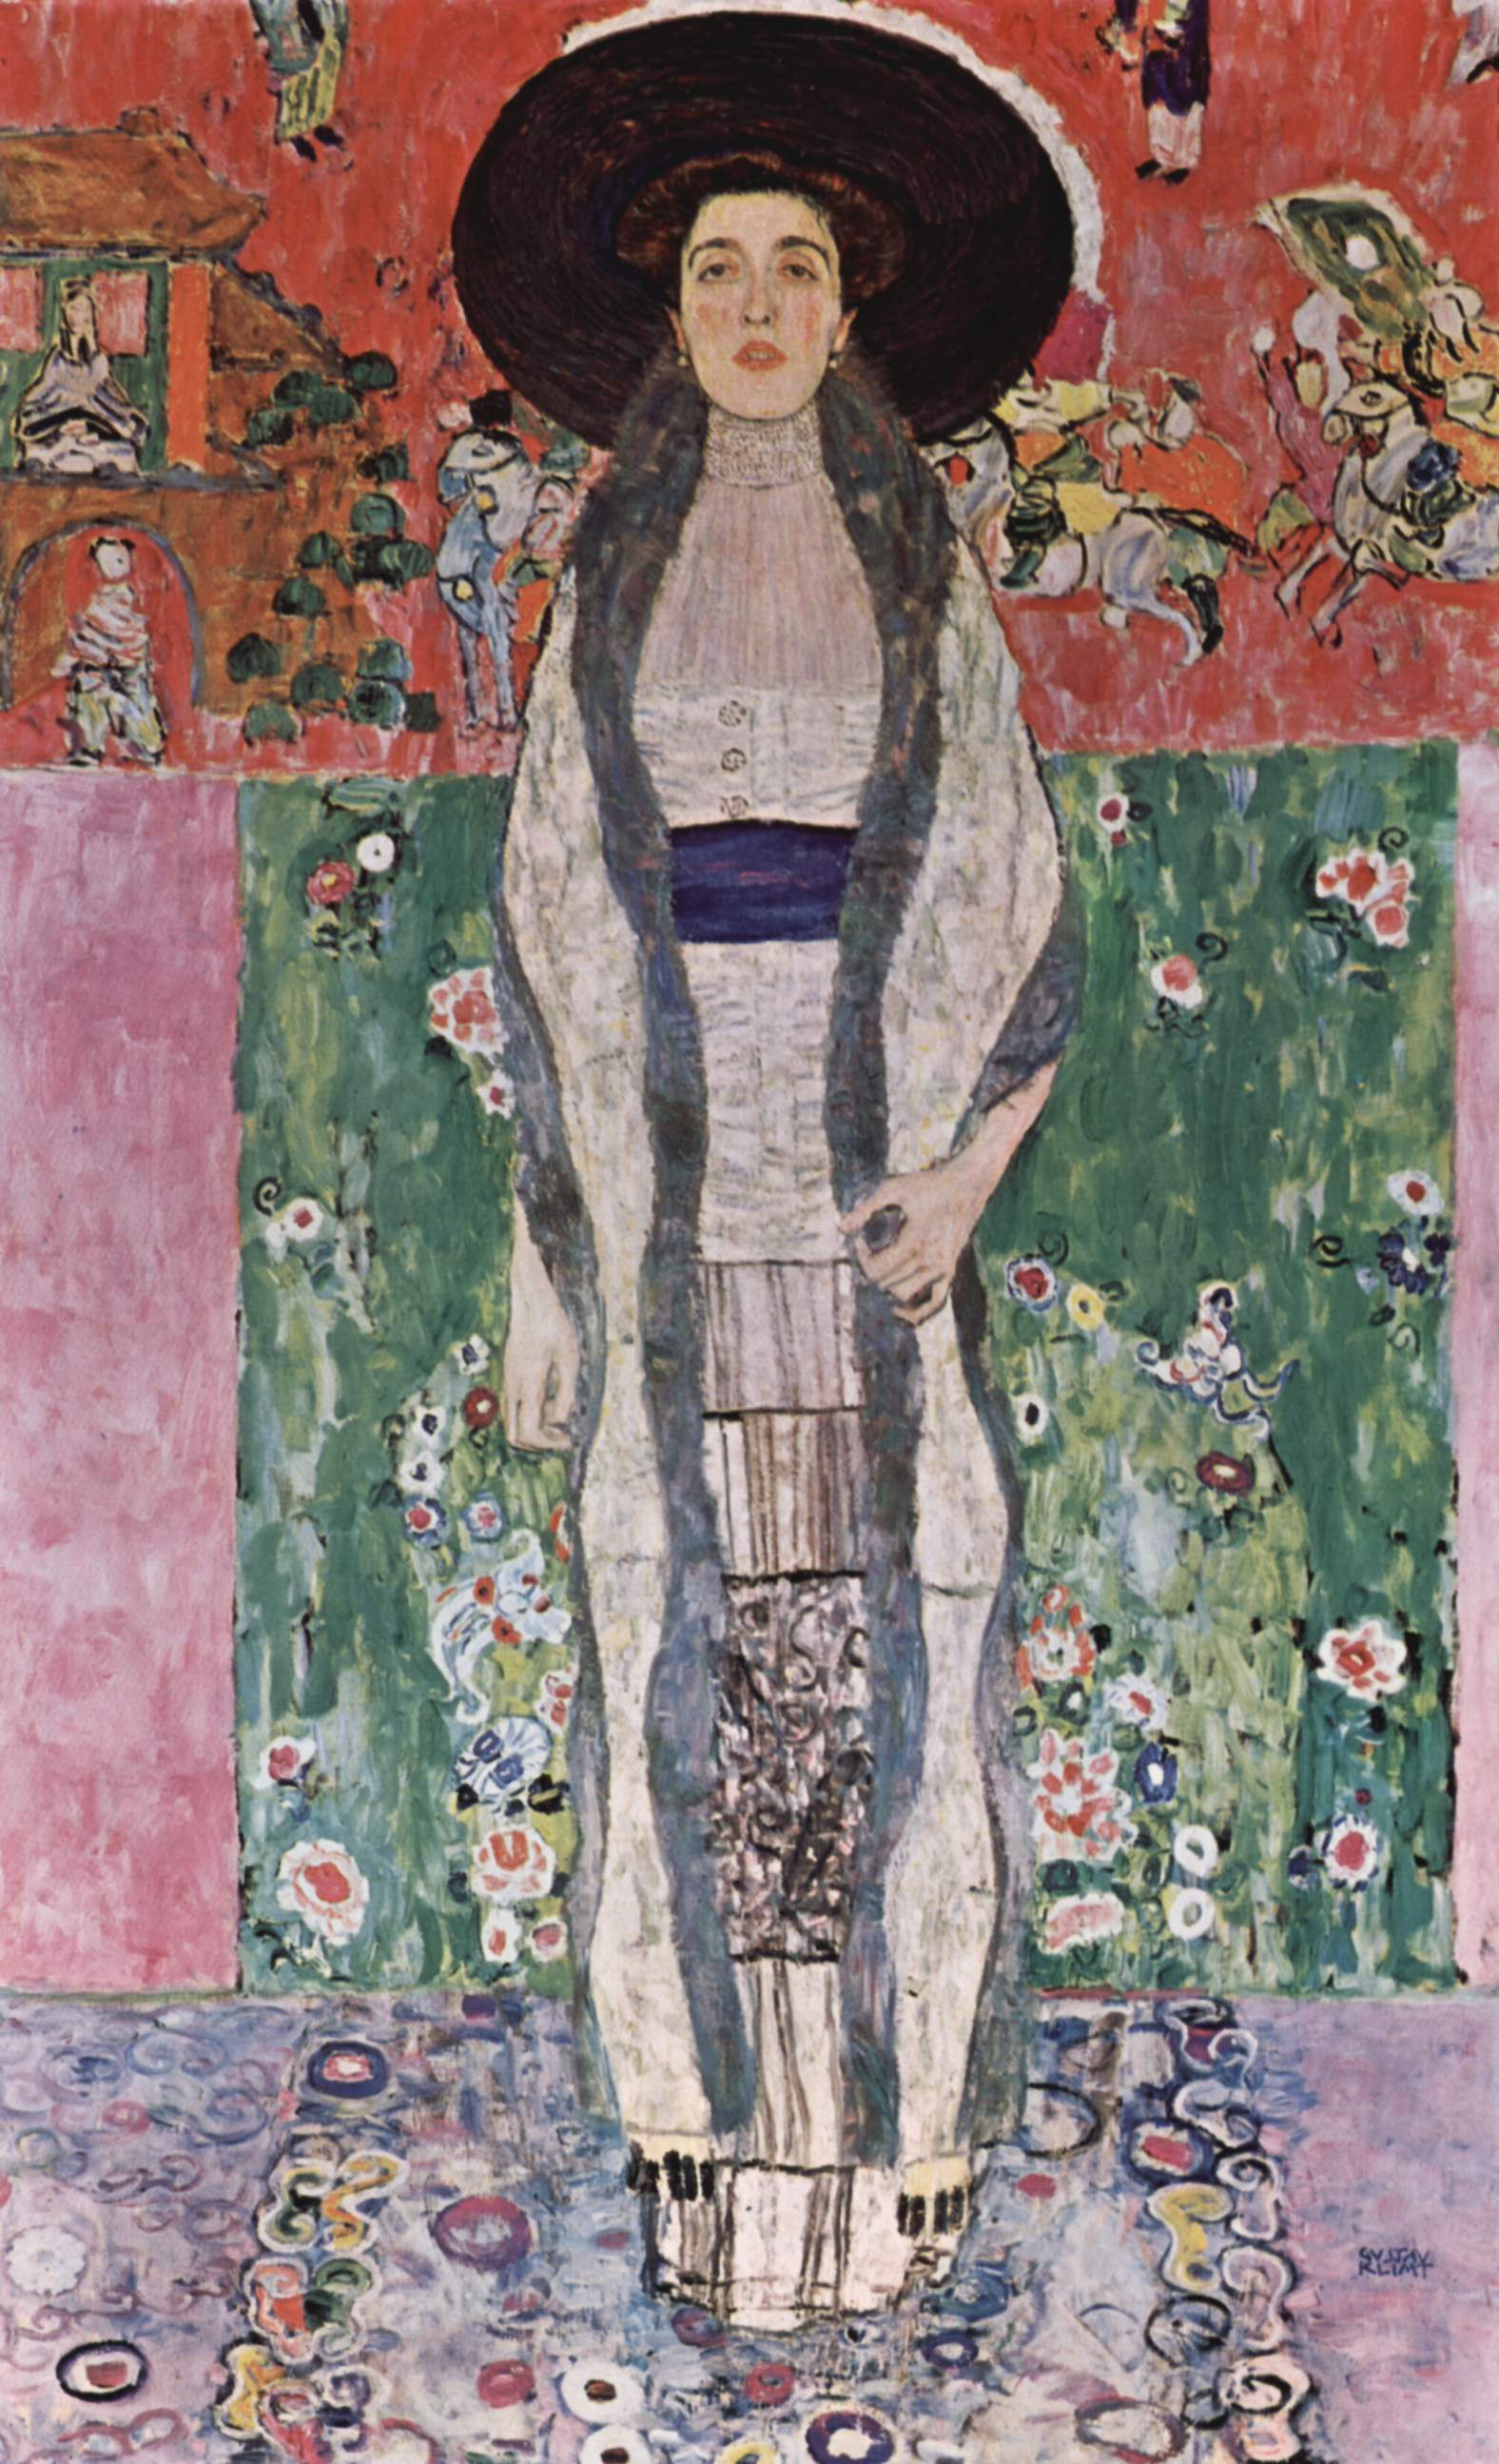 Gustav Klimt: Adele Bloch Bauer II (1912)